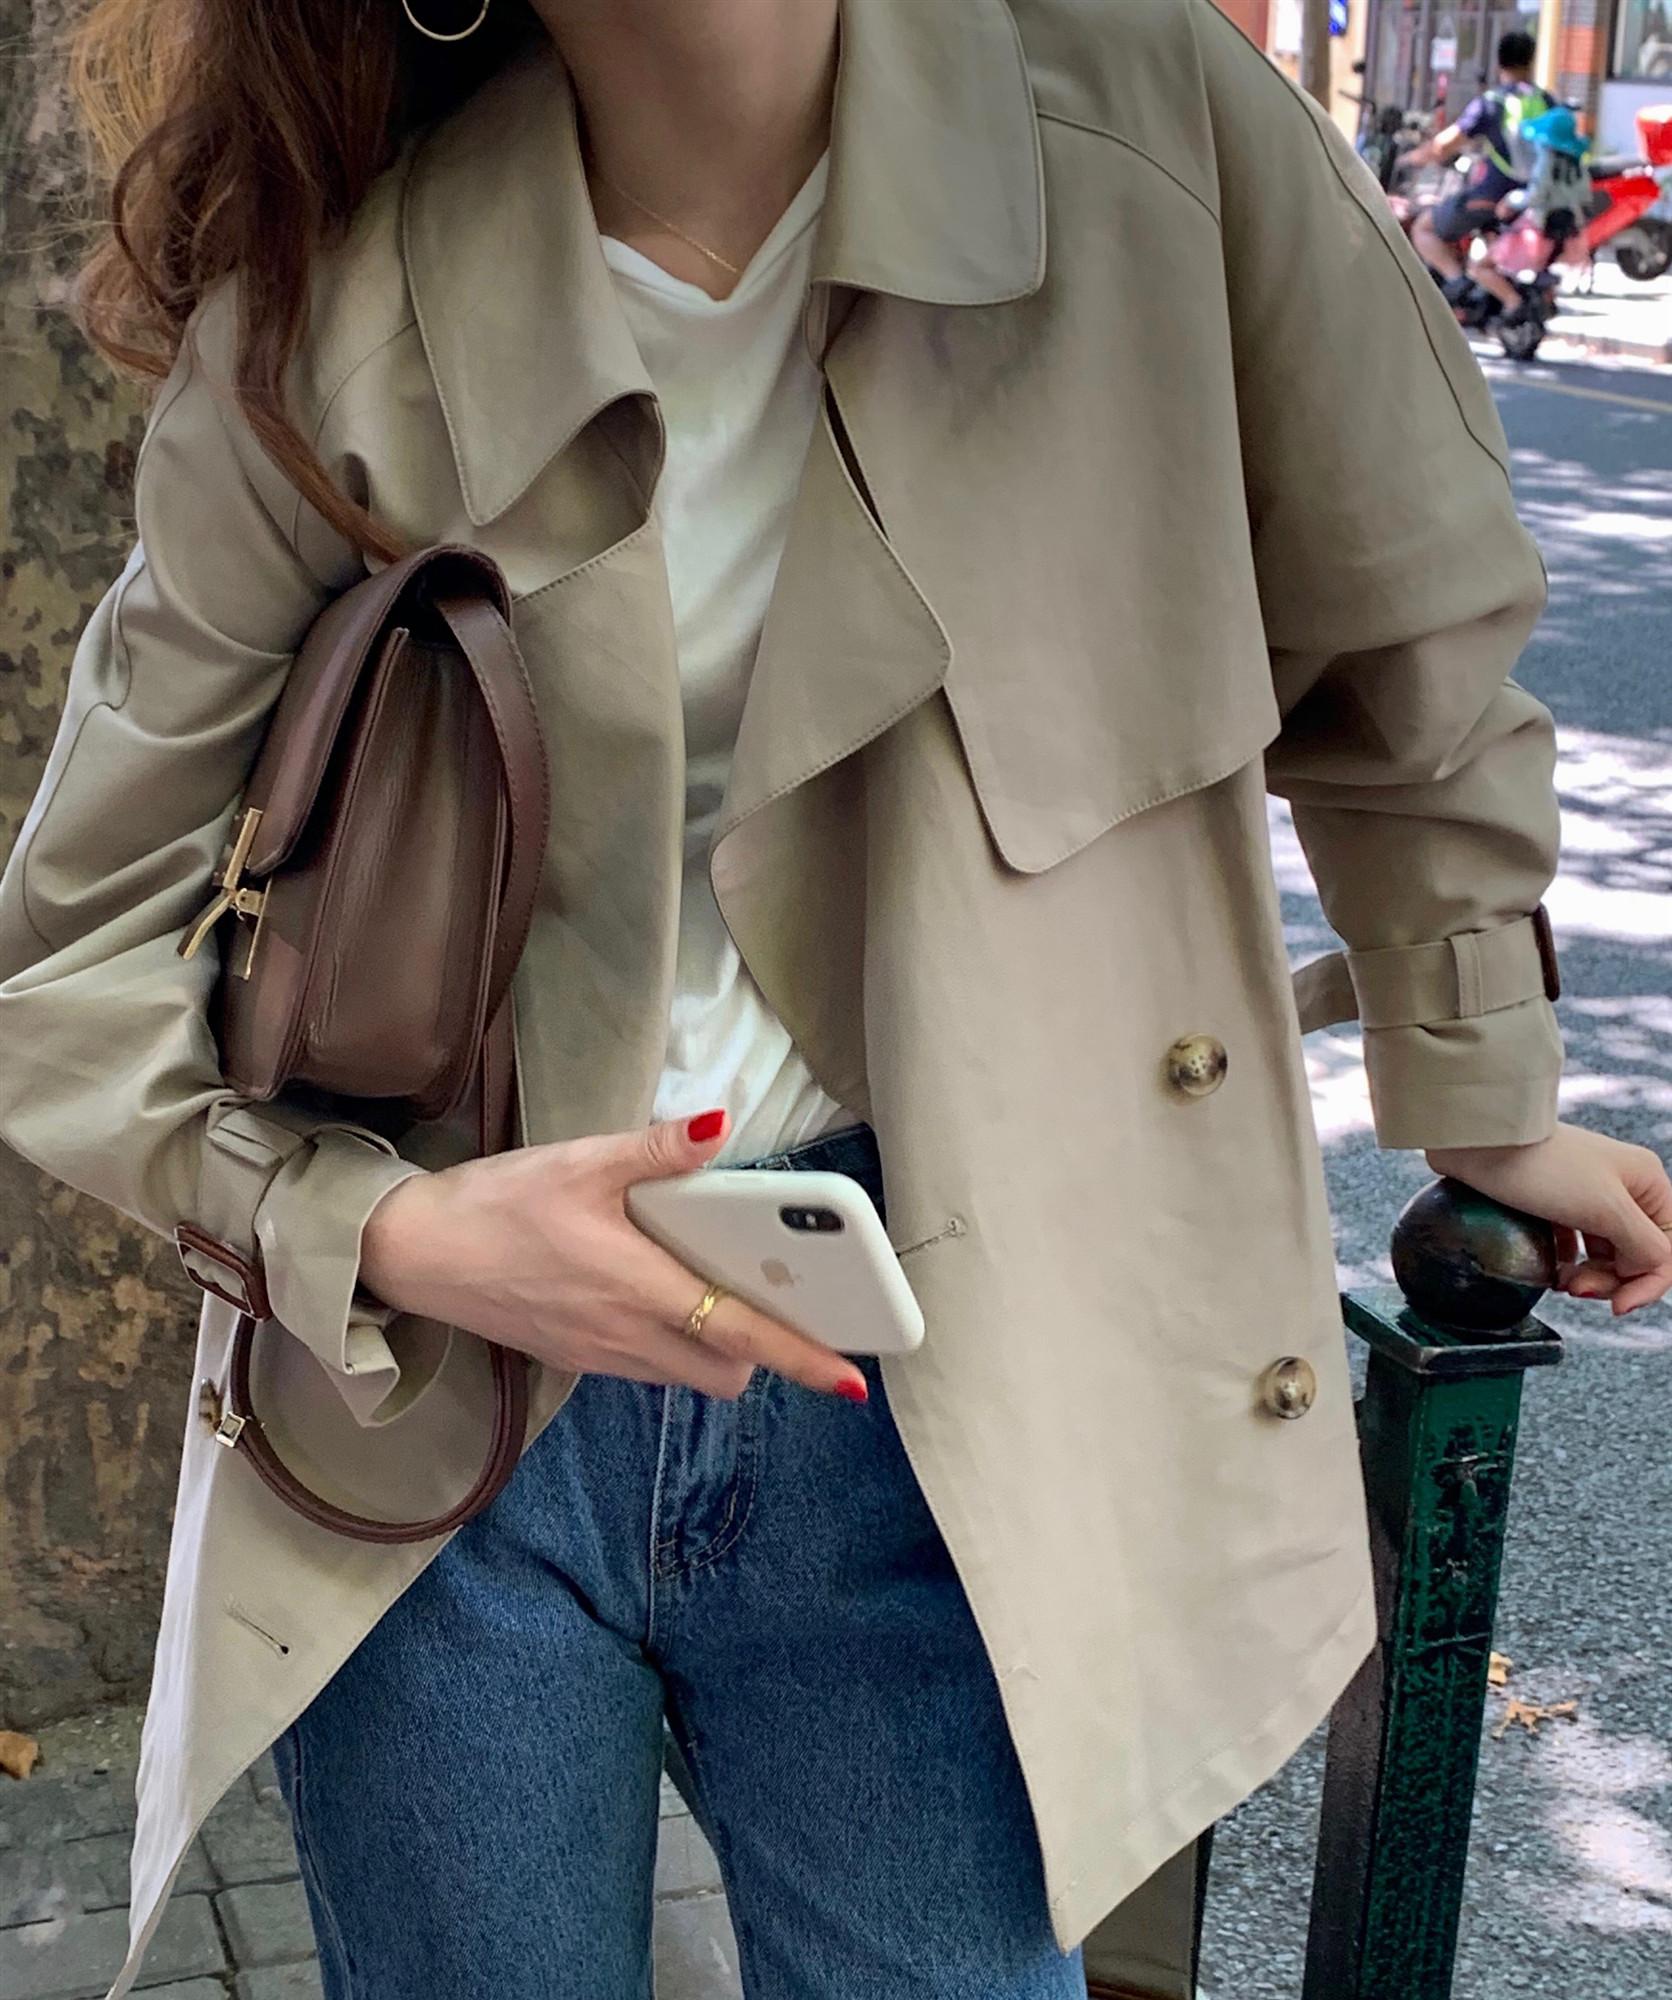 推薦ins人氣秋季新品復古英倫風洋氣時髦短款雙排扣系帶風衣外套